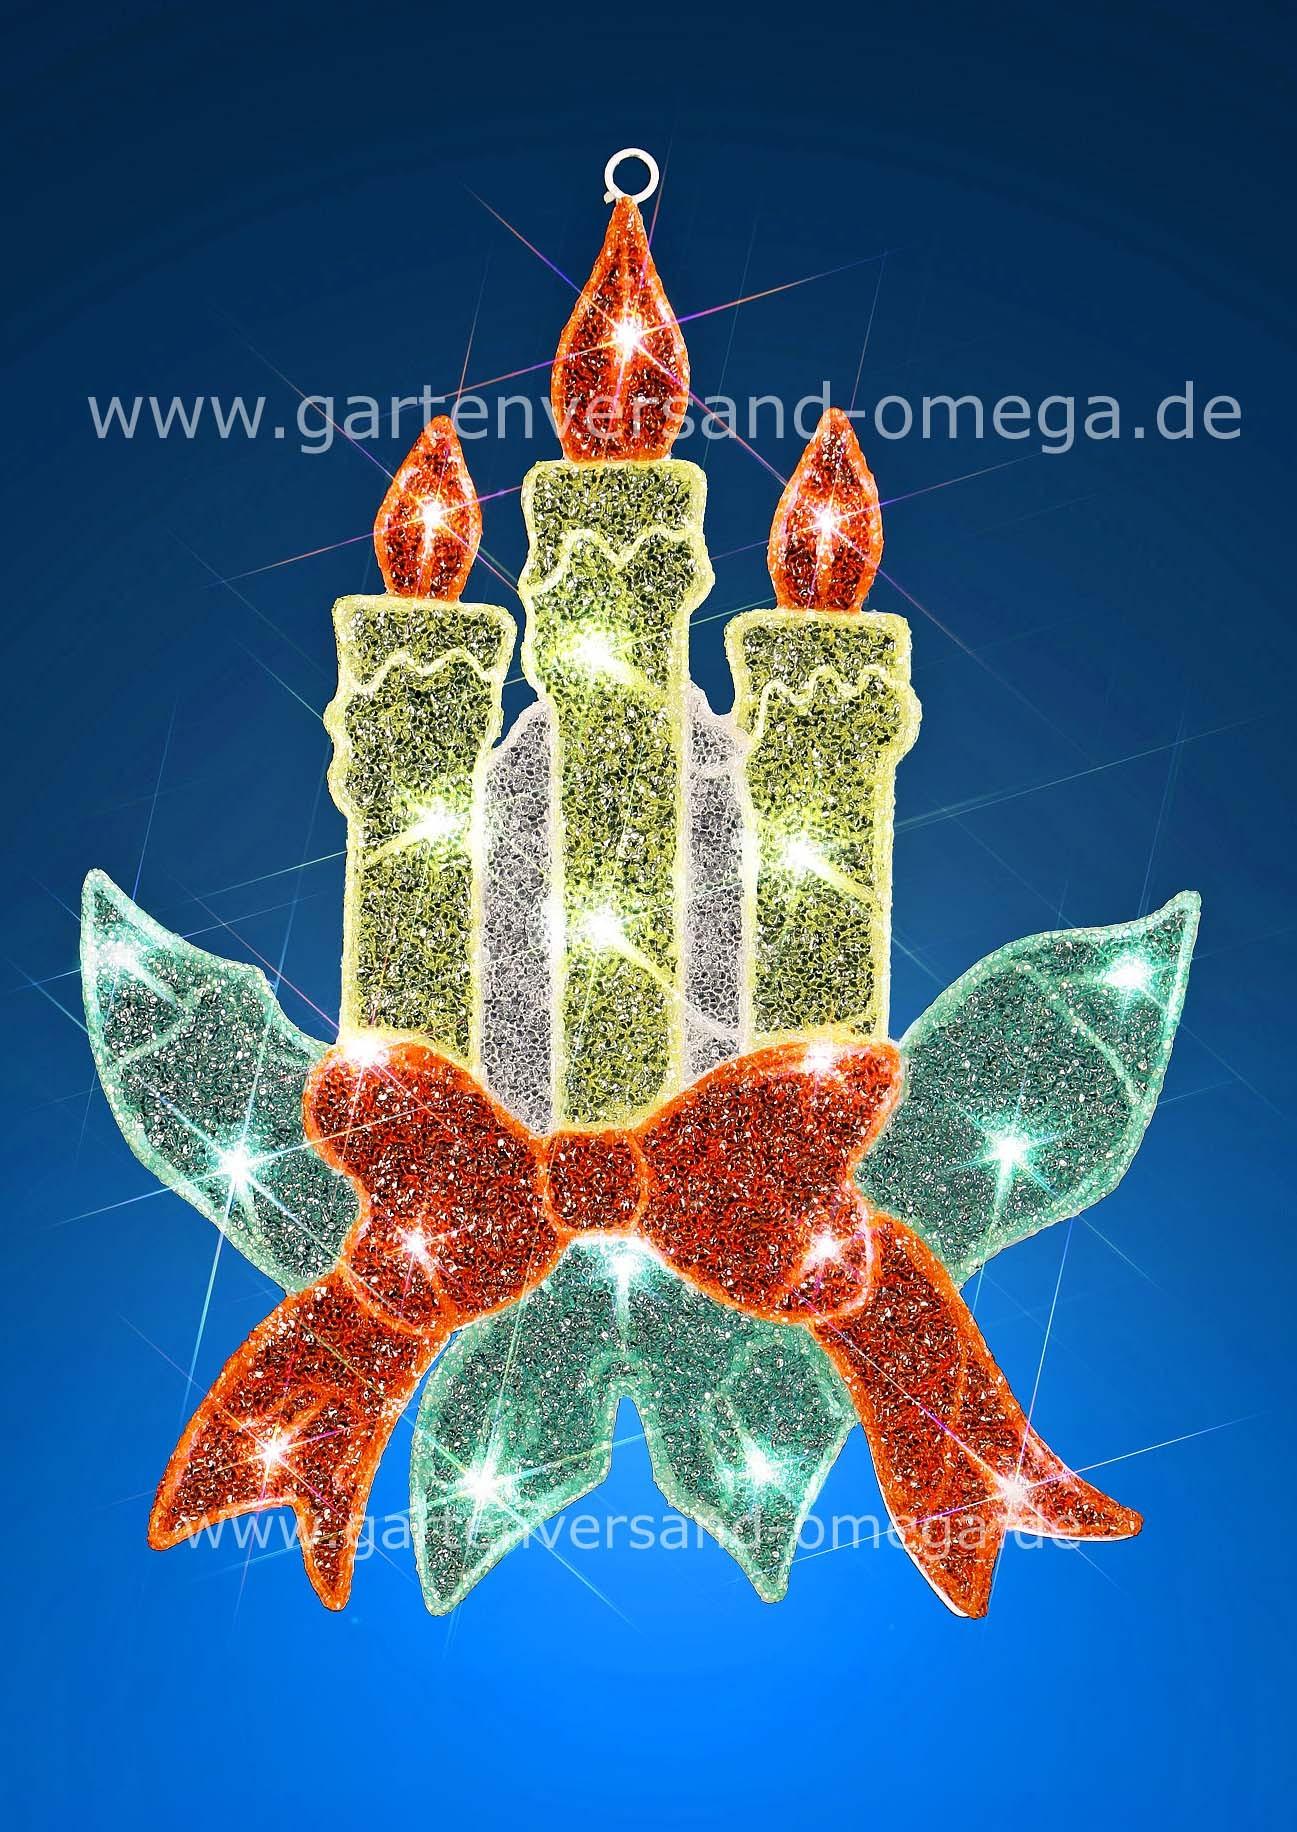 Weihnachtsbeleuchtung Fenster Innen. suchergebnis auf f r ...